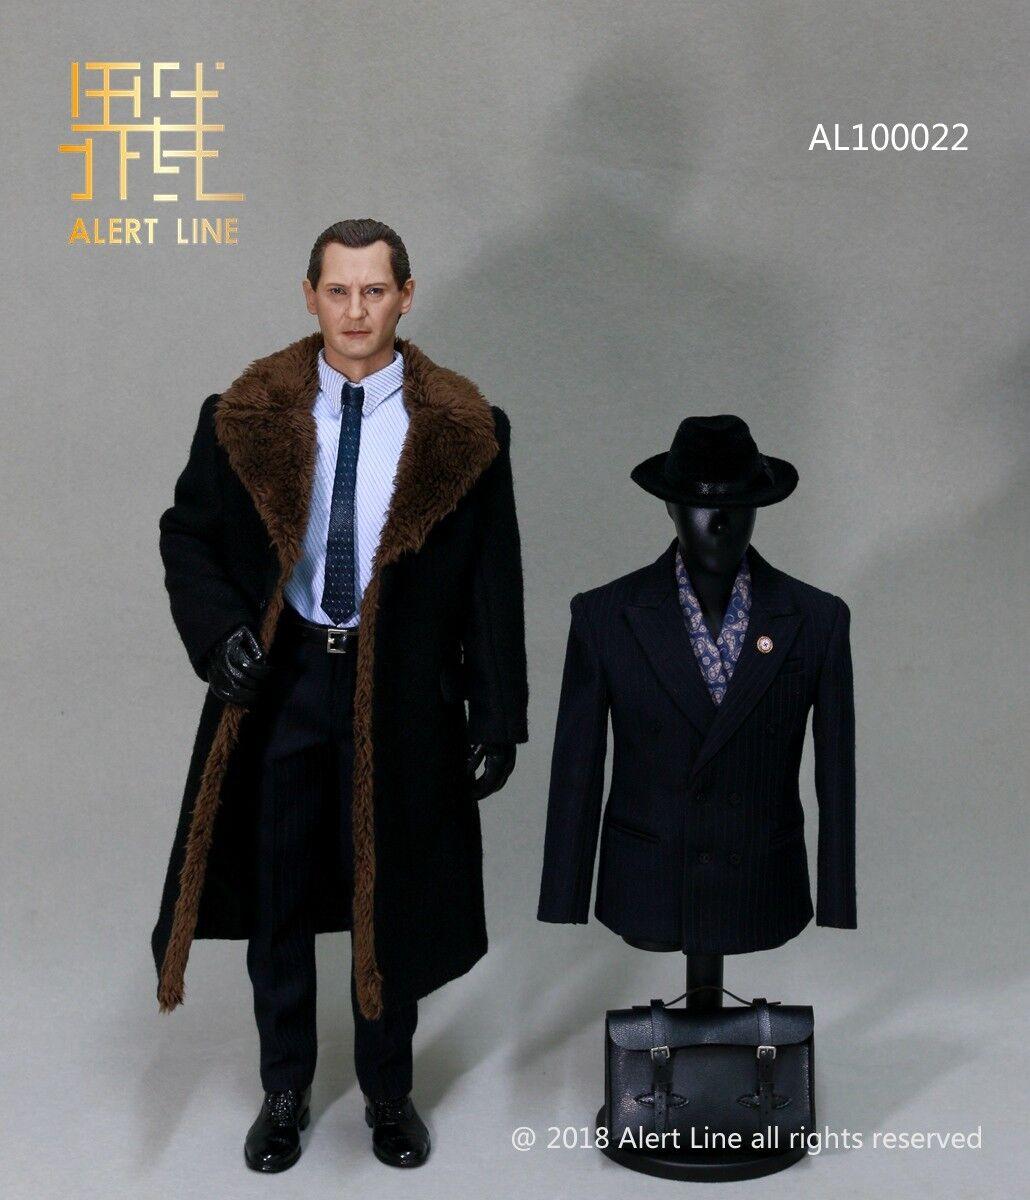 Línea de alerta AL100022 1 6 juego de la Segunda Guerra Mundial Alemán empresario ropa caben 12  figura